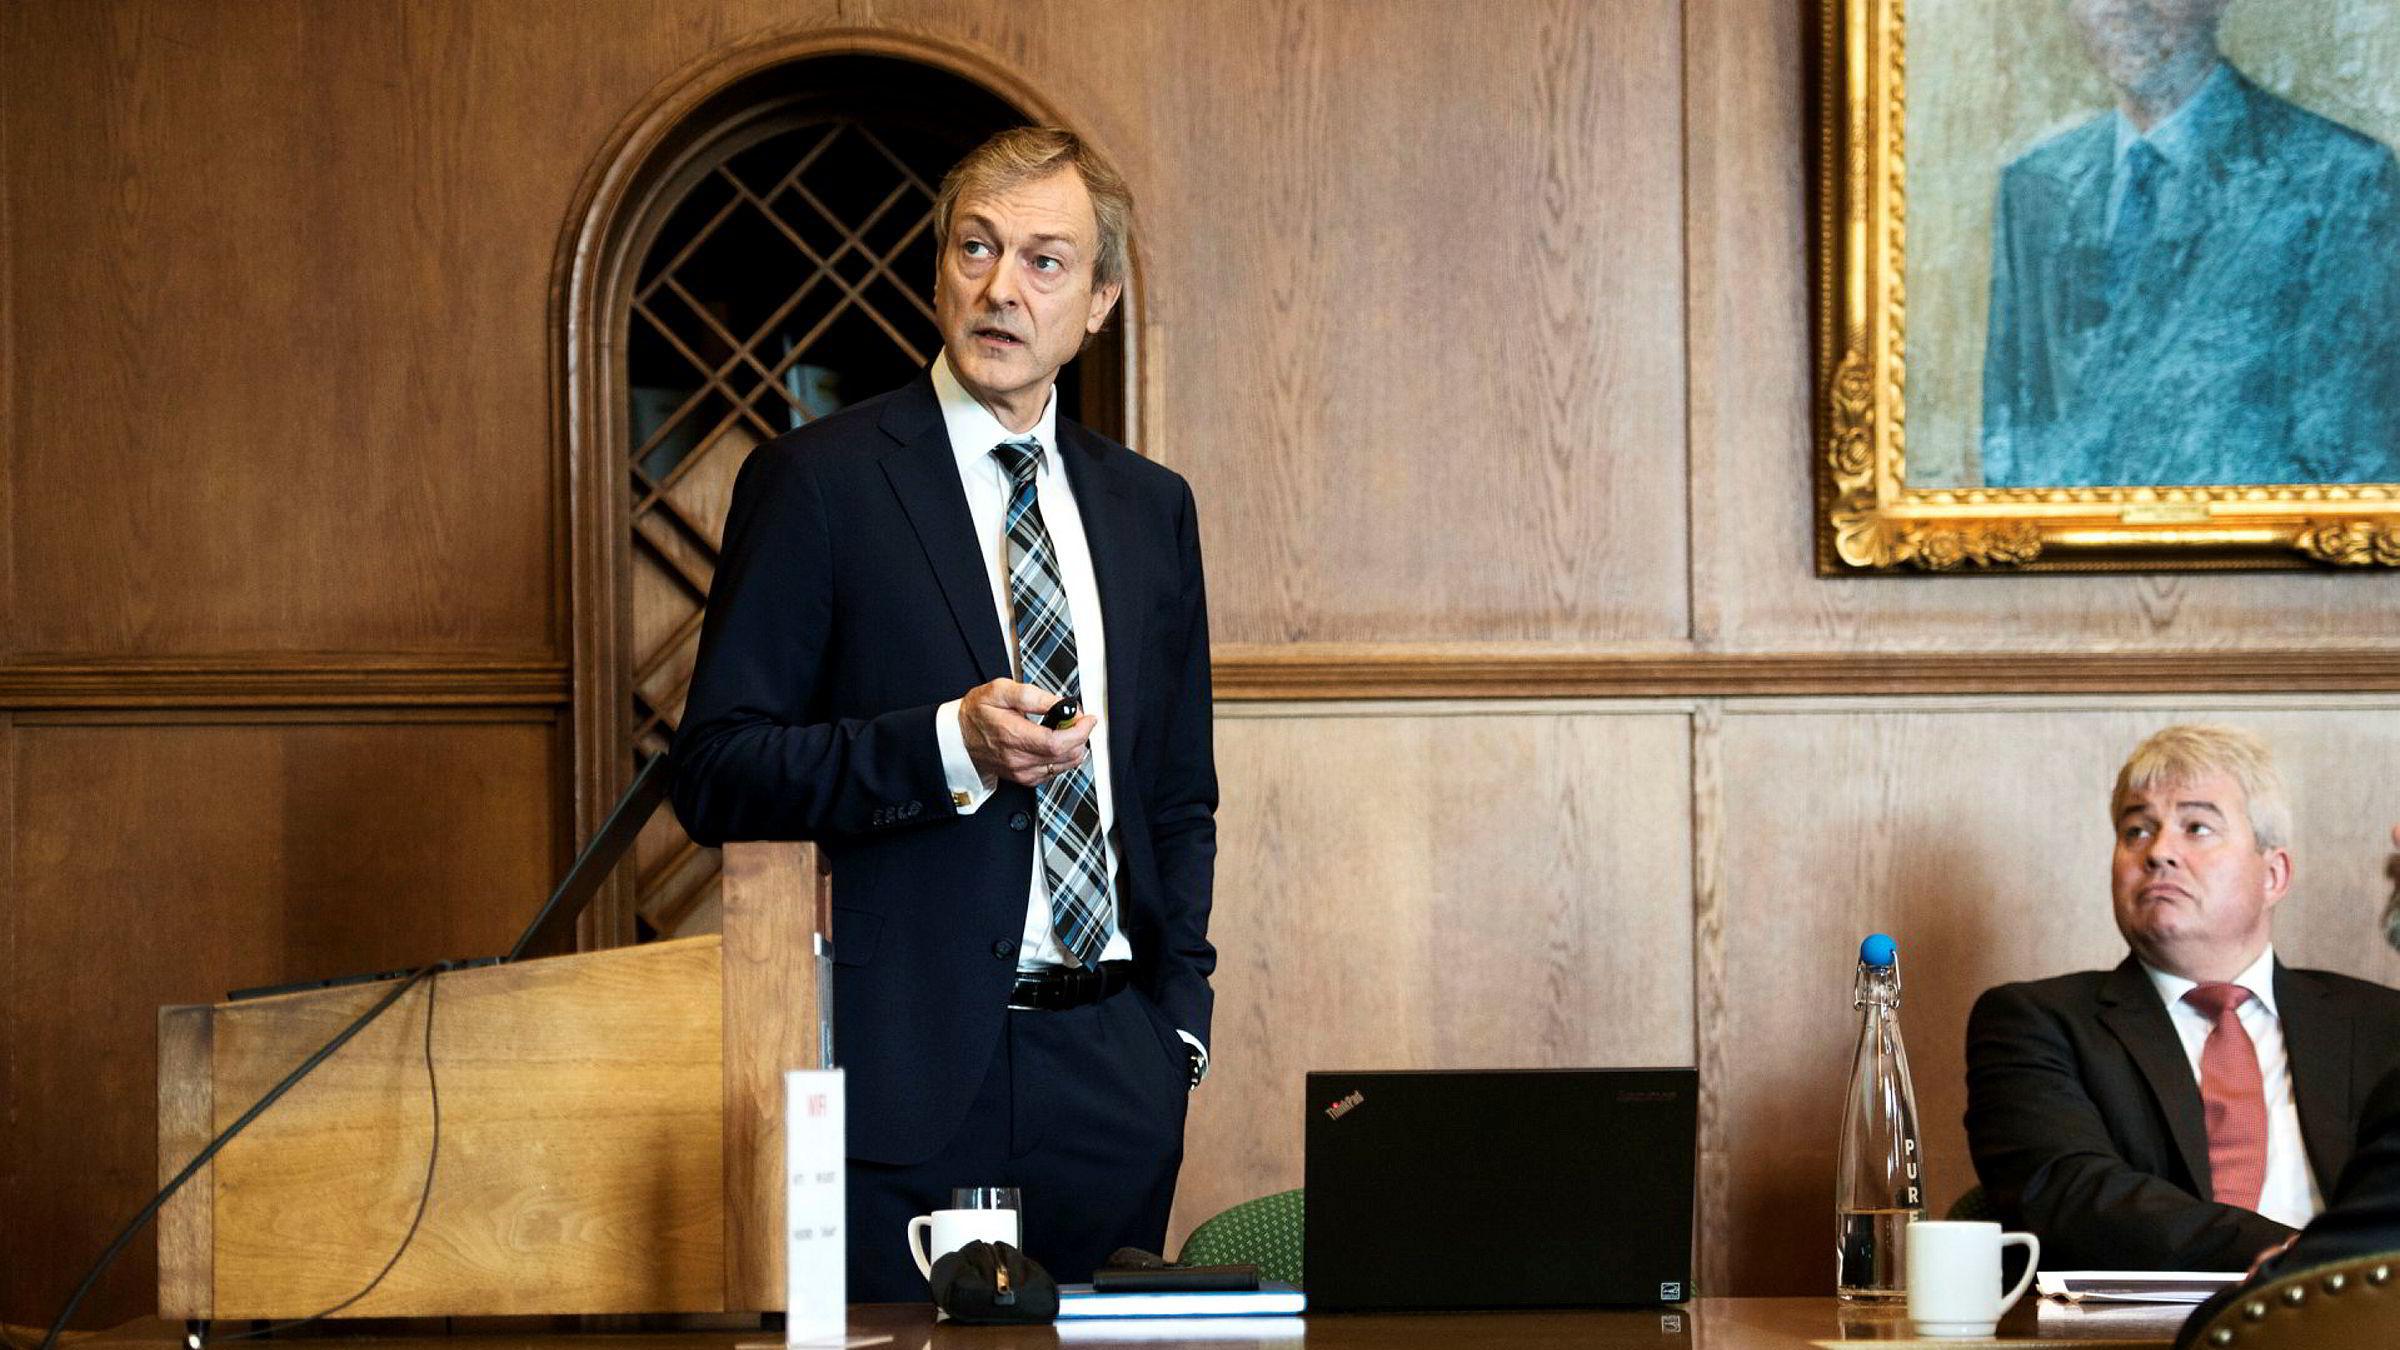 Administrerende direktør i Farstad Shipping Karl Johan Bakken (til venstre) kan få 3,5 millioner kroner i bonus mens finansdirektør Olav Haugland kan fåinntil 7,6 millioner kroner for å ha fått på plass en restruktureringsavtale.